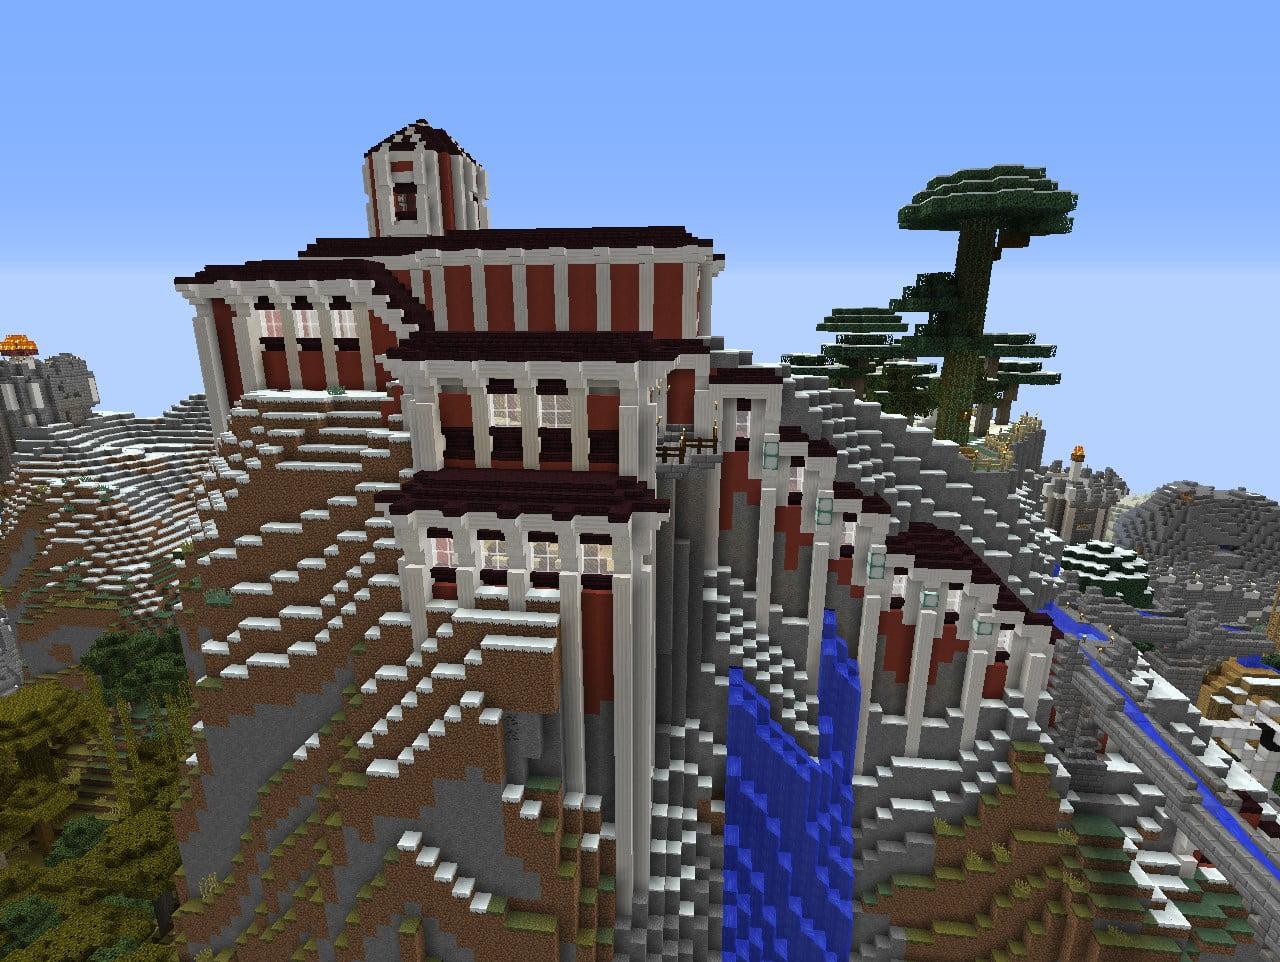 Kloster in minecraft bauen minecraft for Bauideen minecraft